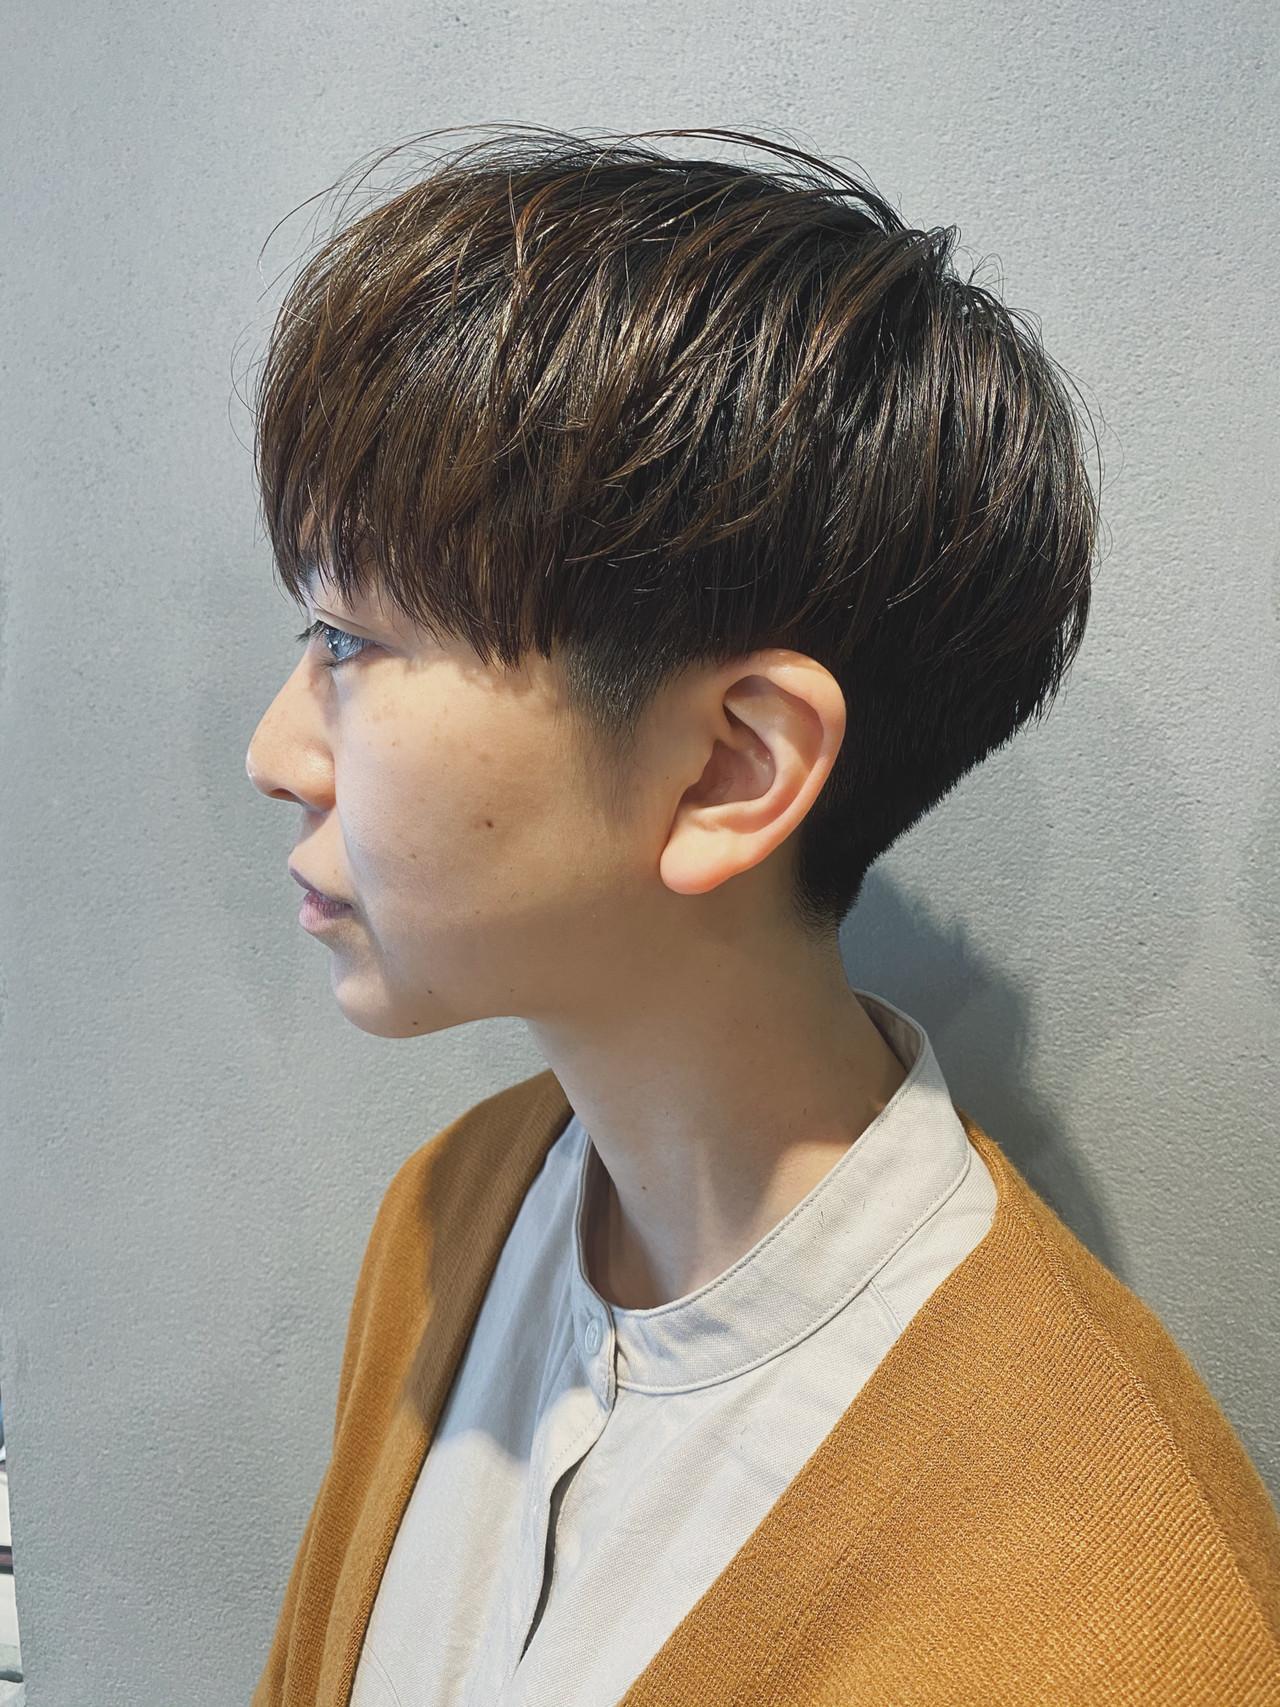 マッシュヘア マッシュ ショートマッシュ マッシュショート ヘアスタイルや髪型の写真・画像 | 松本 健 / KHAKI